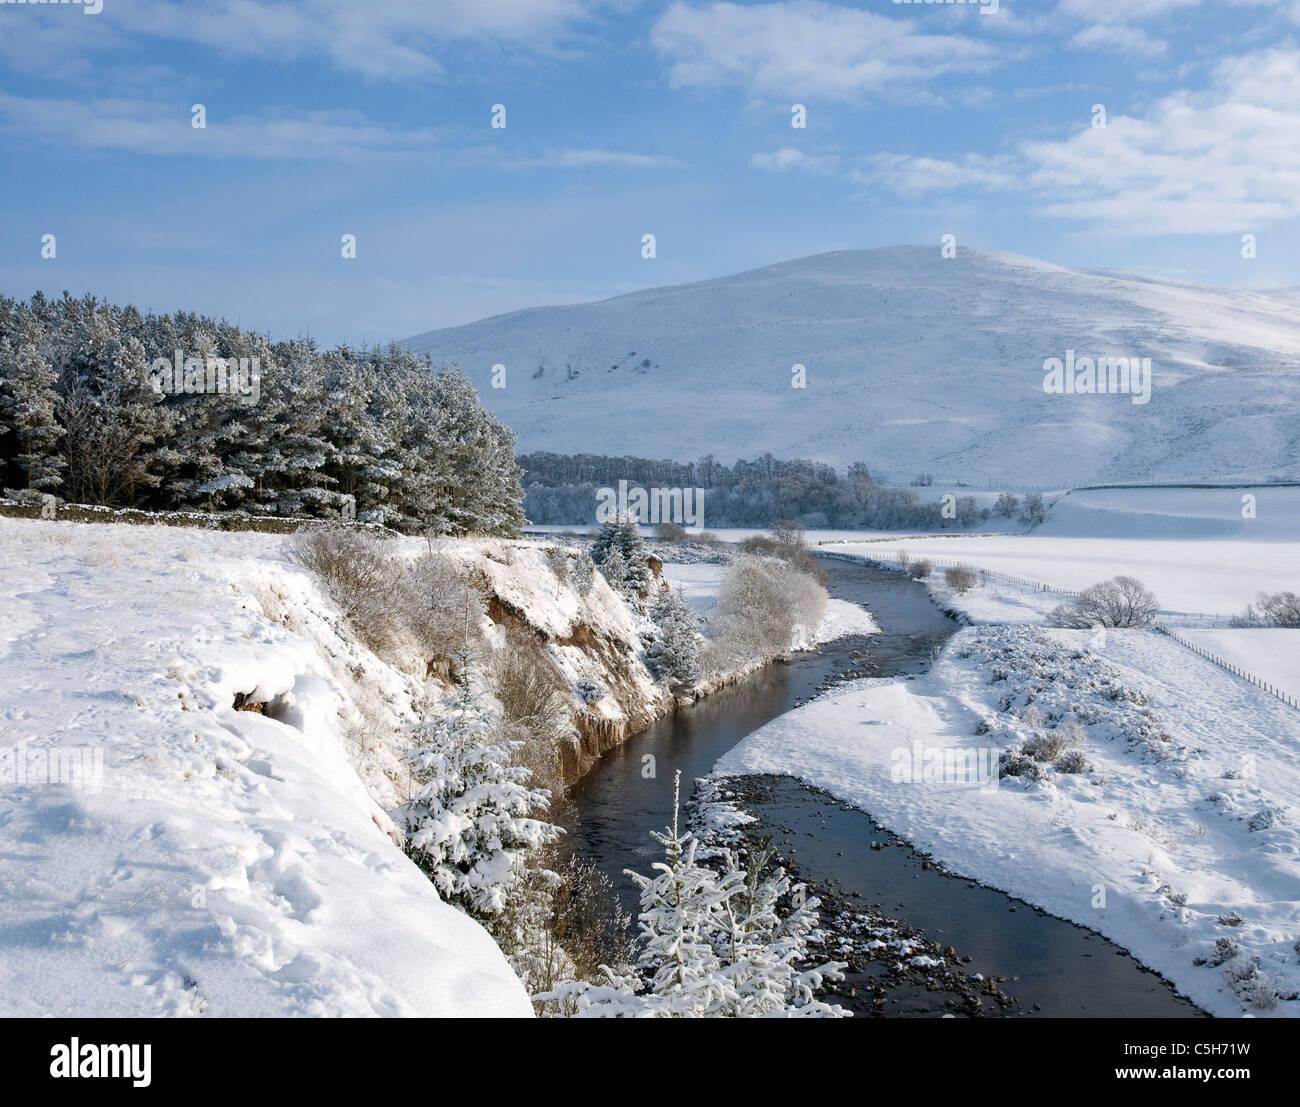 Agua y Yarrow Eldinhope Knowe serpenteando a lo largo de la cañada cerca de Selkirk en nieve Imagen De Stock